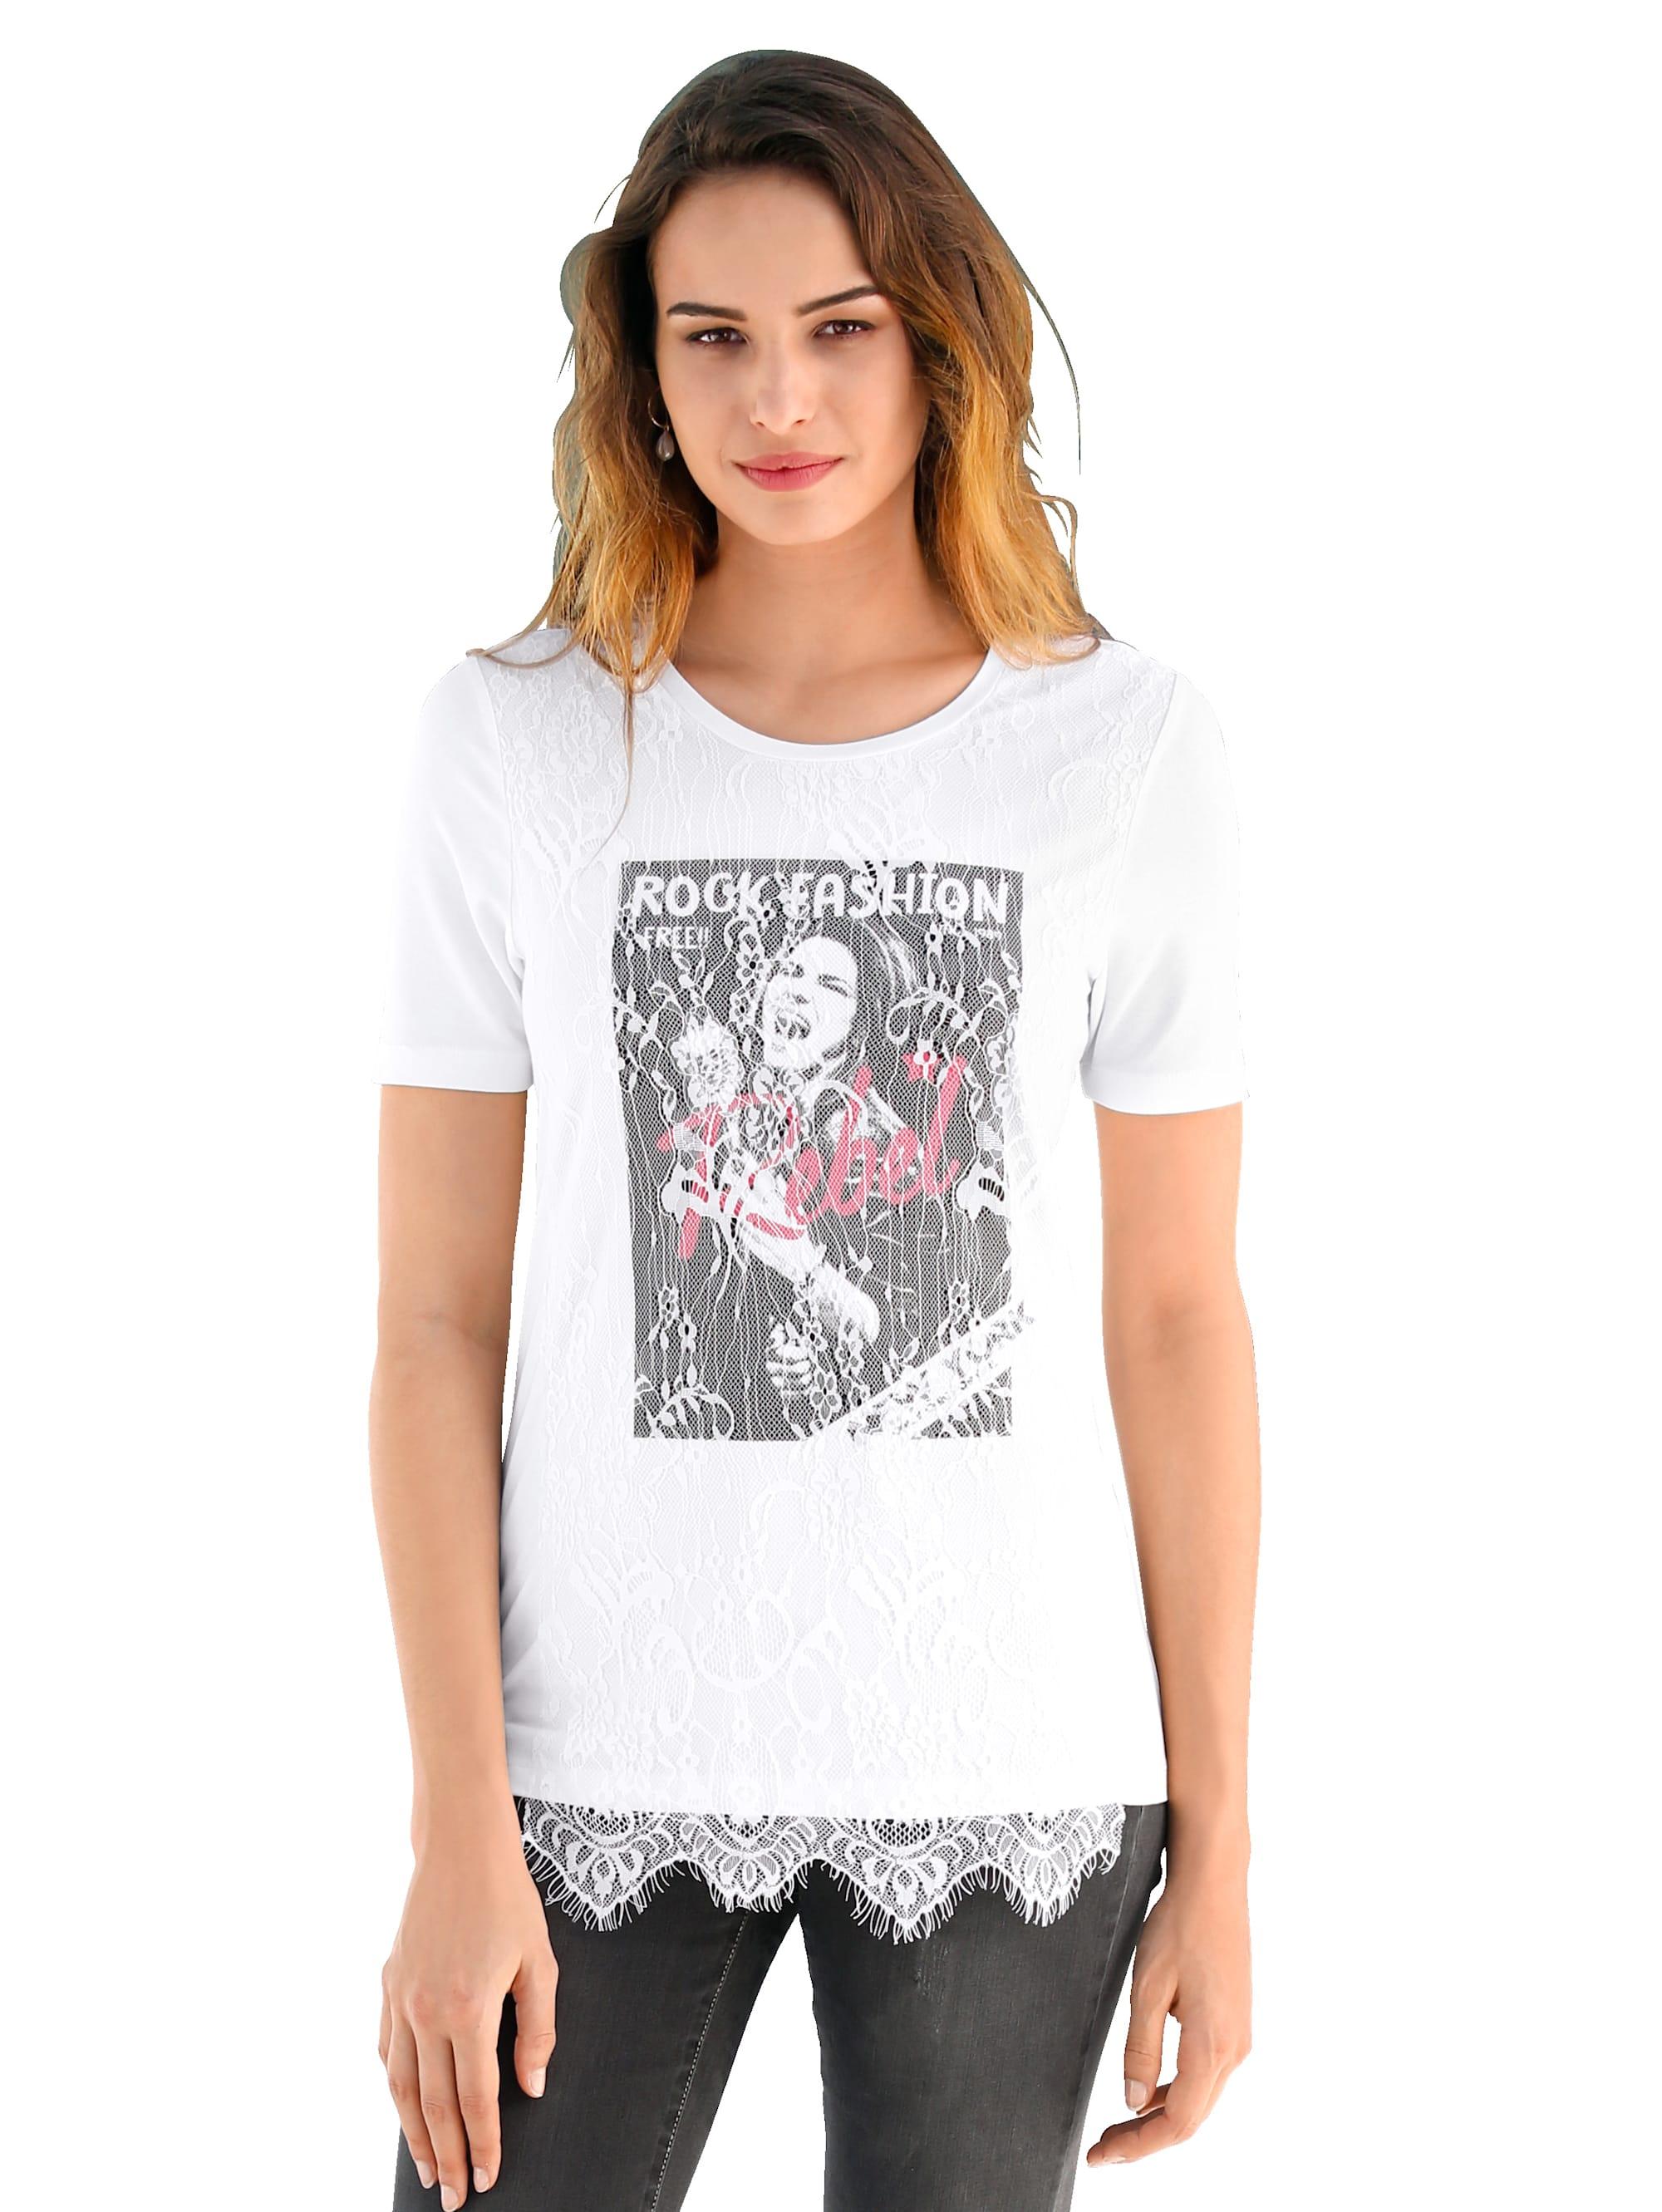 AMY VERMONT Shirt mit Motiv und Spitze im Vorderteil rqbUJ ccSoS